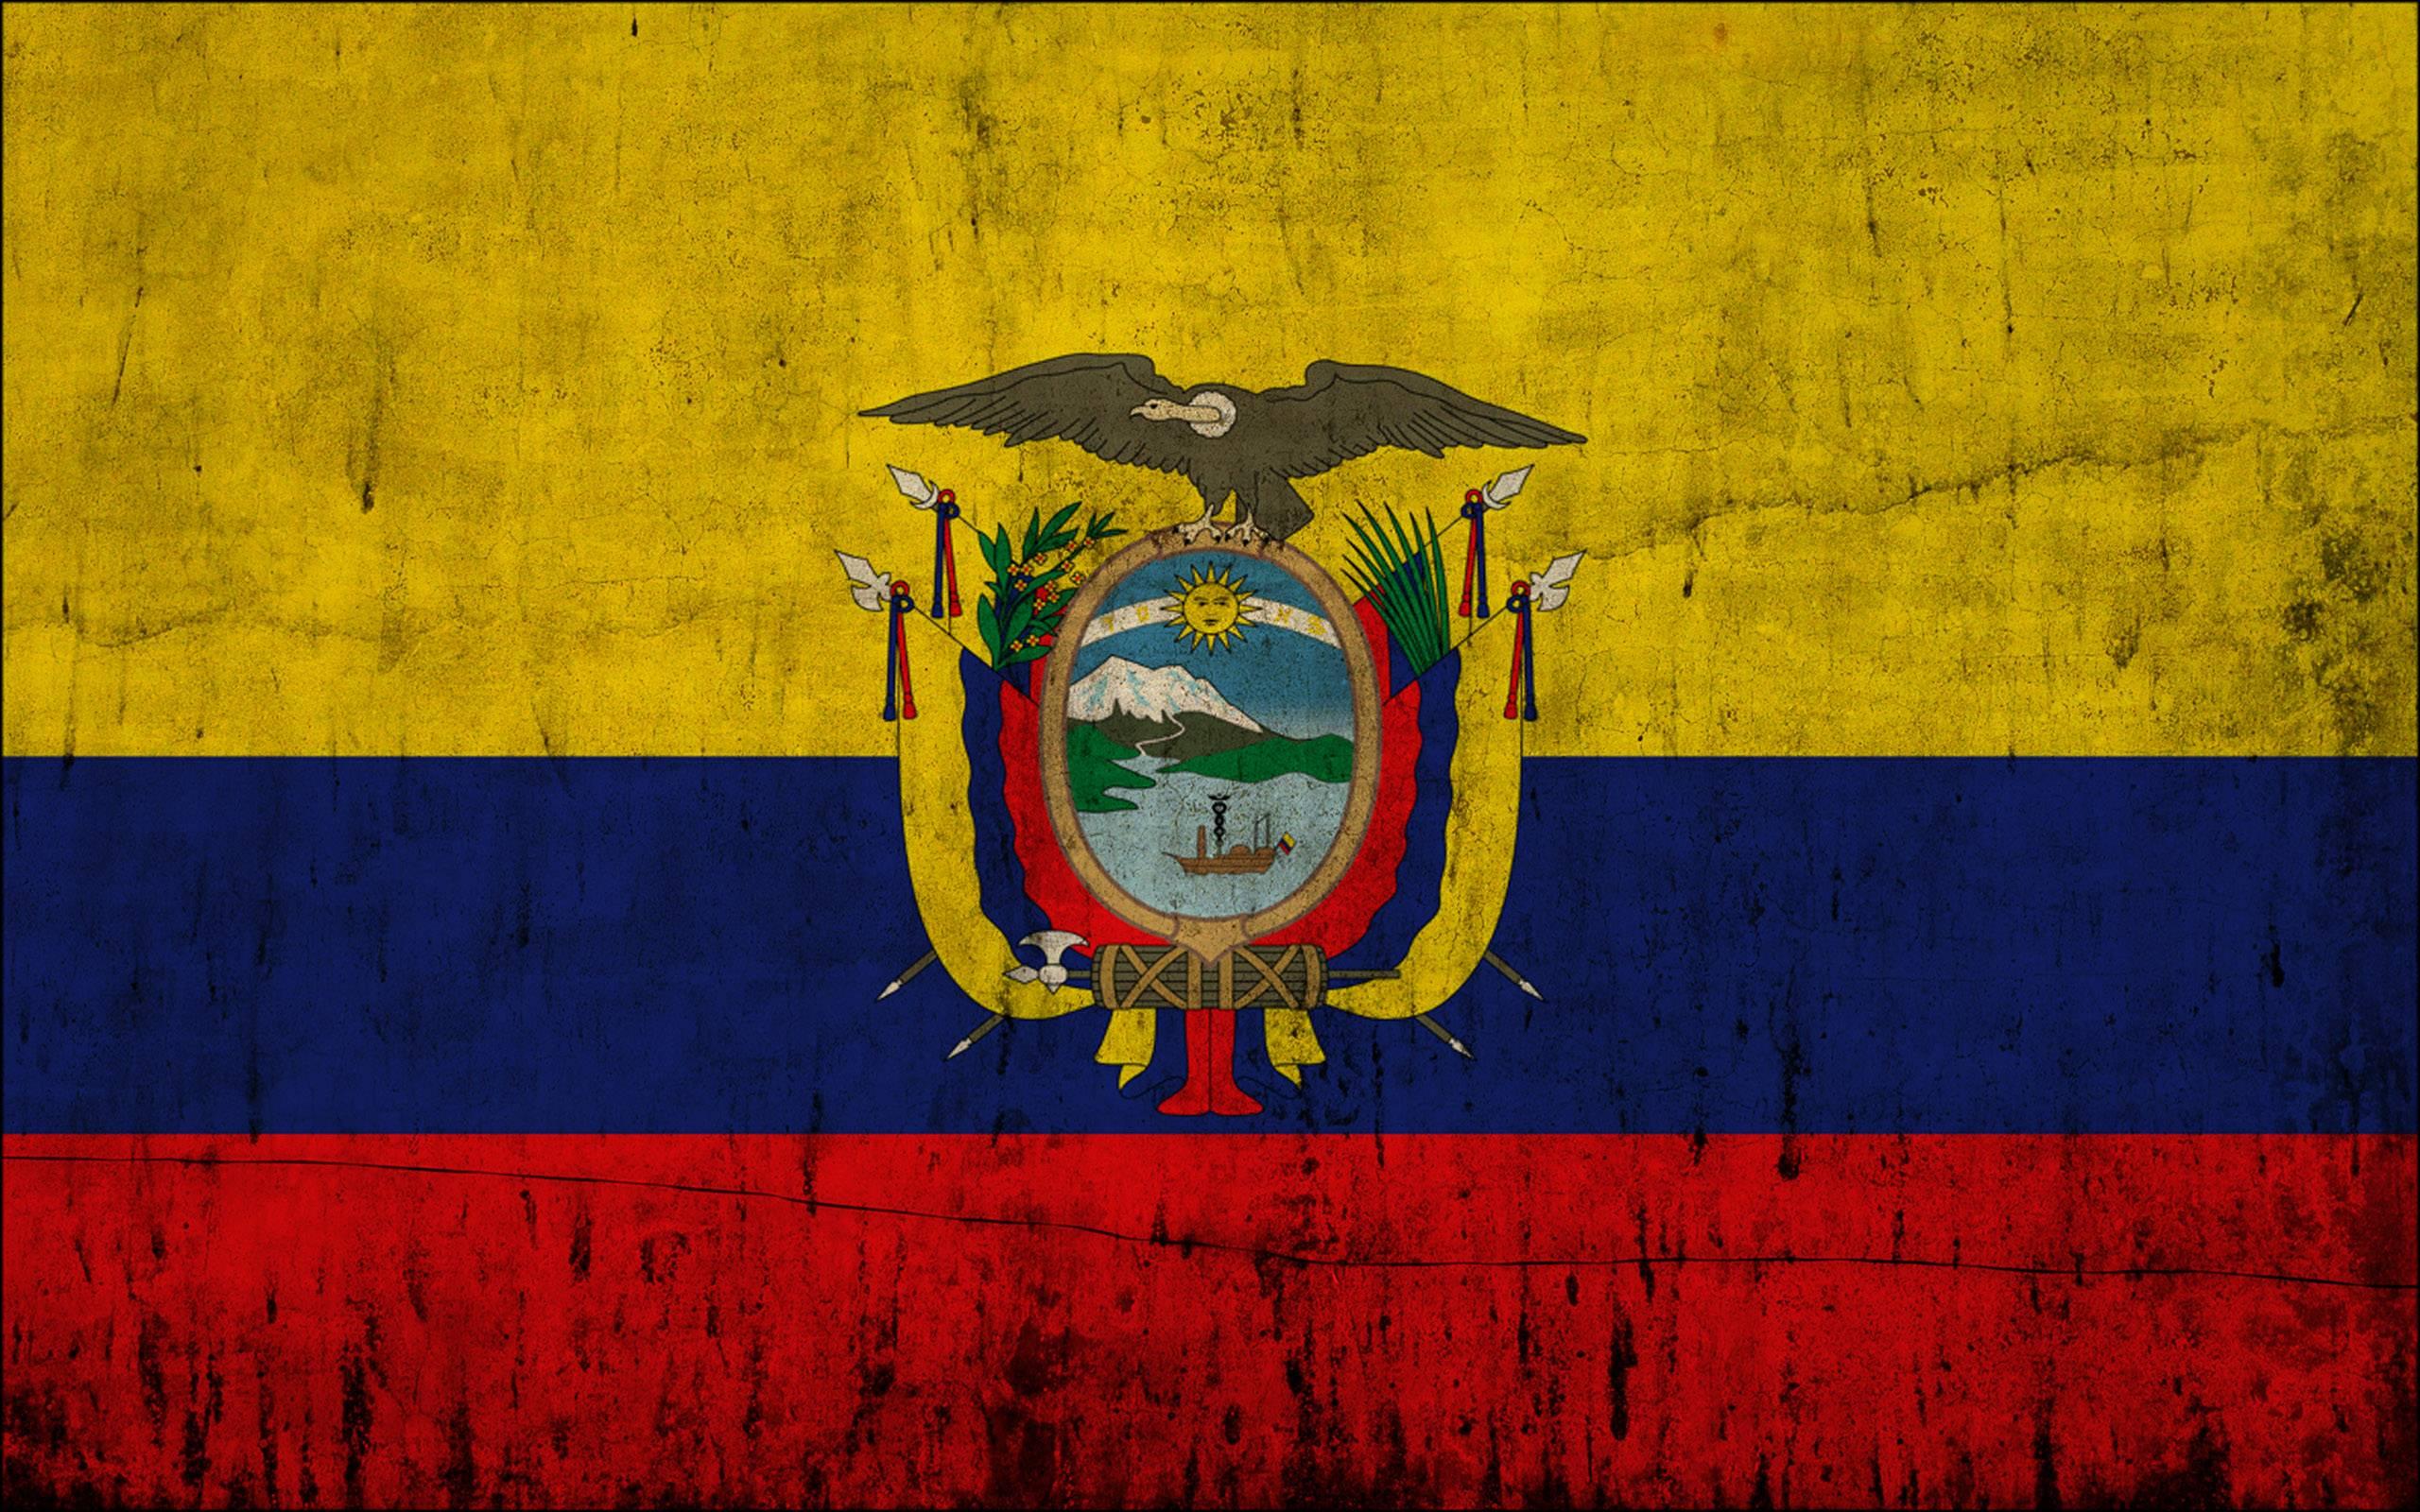 Ecuador National Football Team Background 7